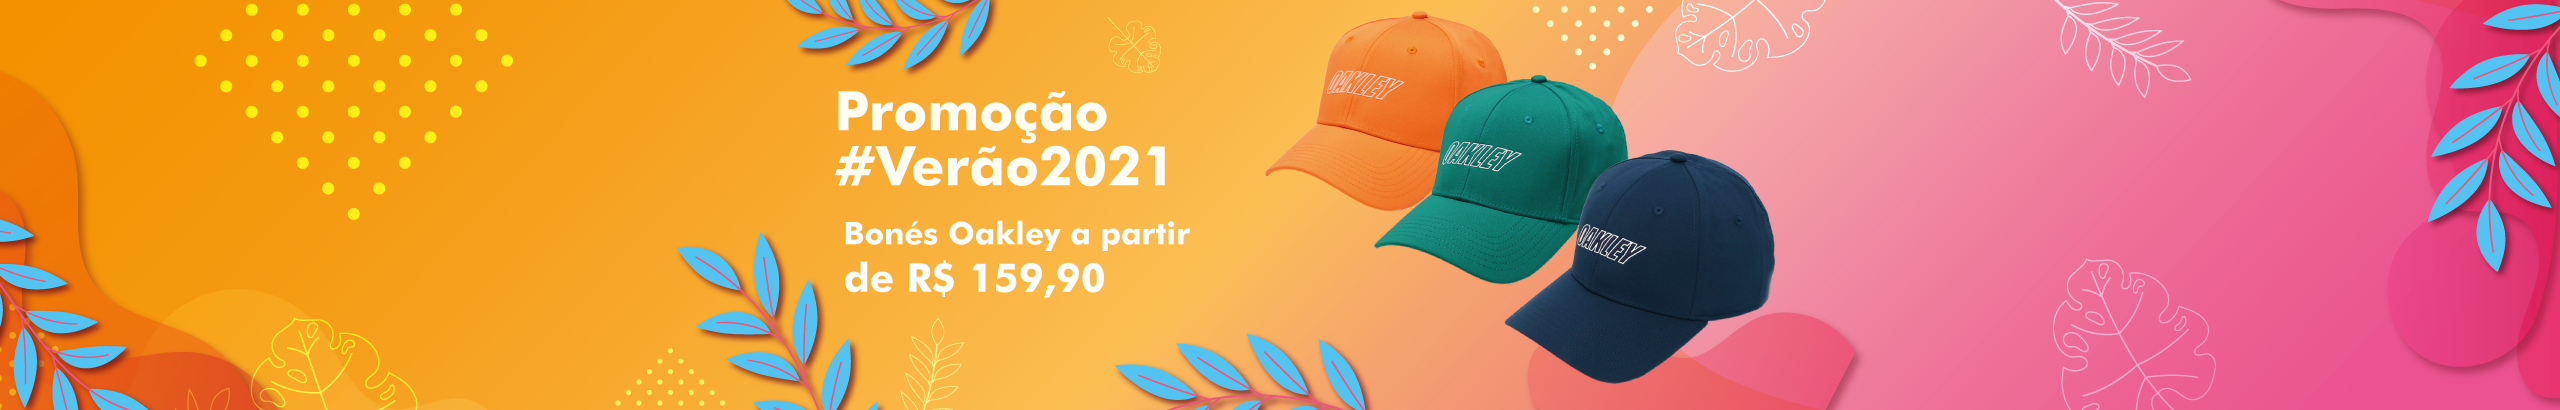 VERAO 2021 BONES